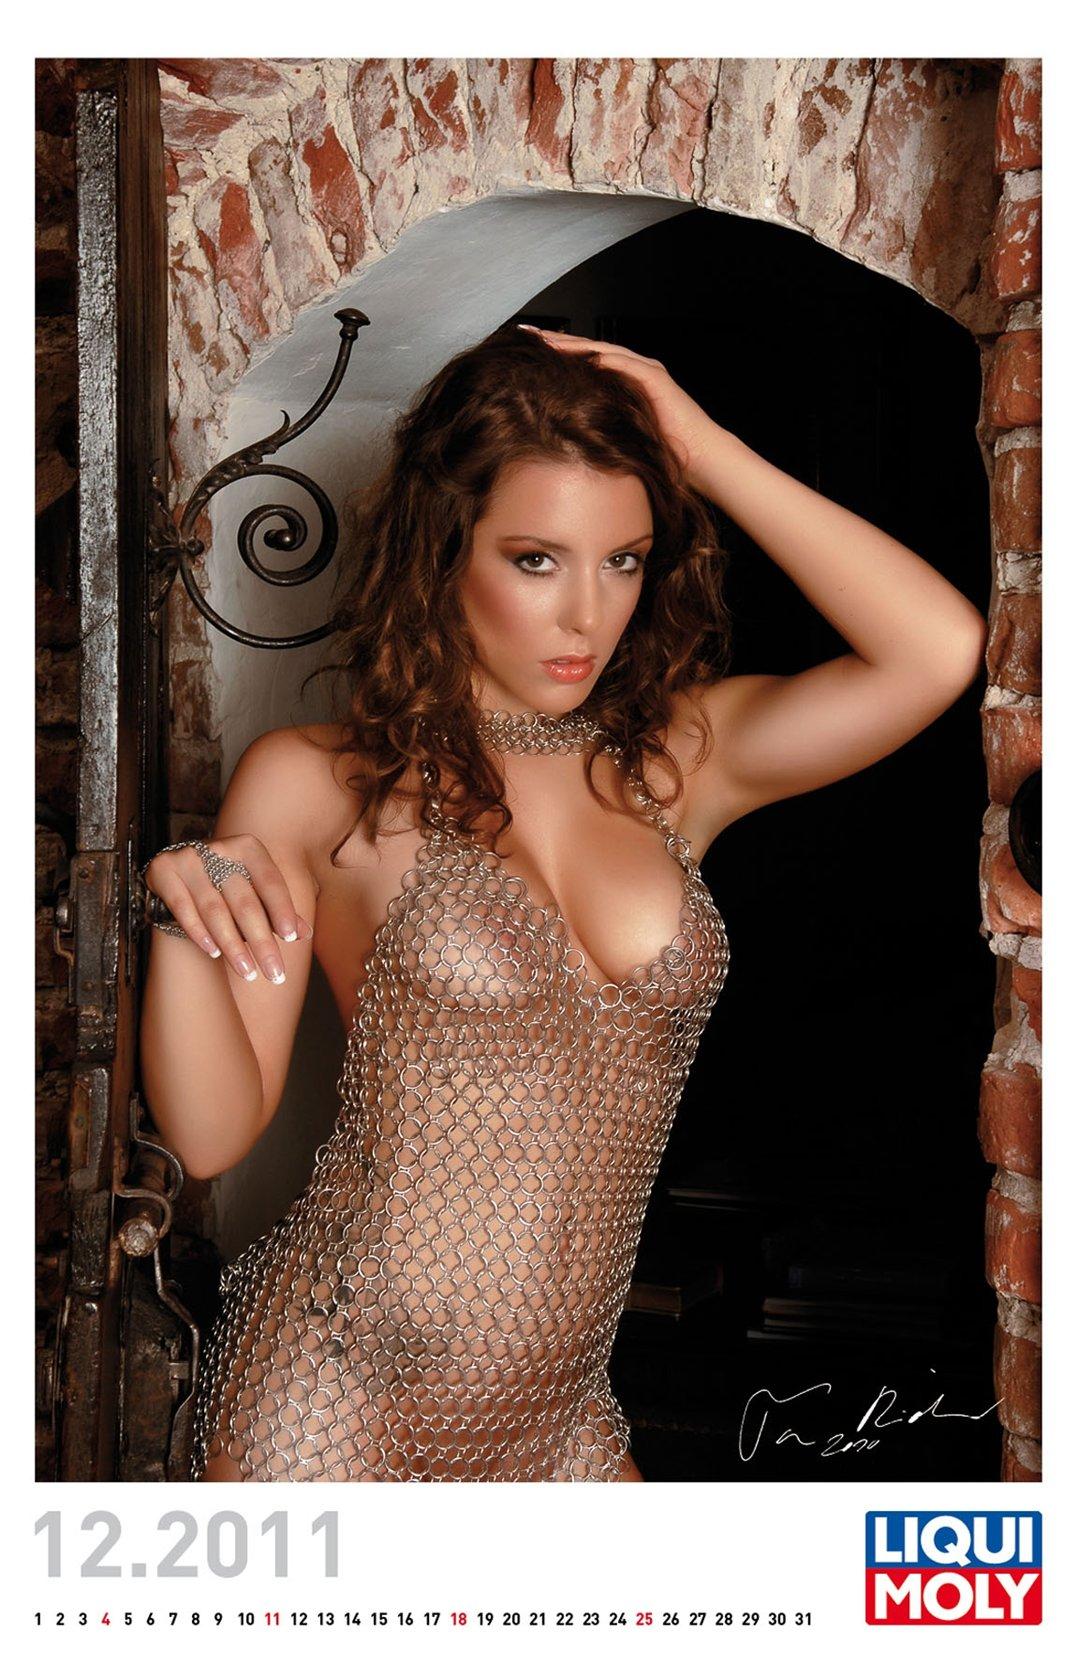 эротический календарь Liqui Moly calendar 2011 - декабрь